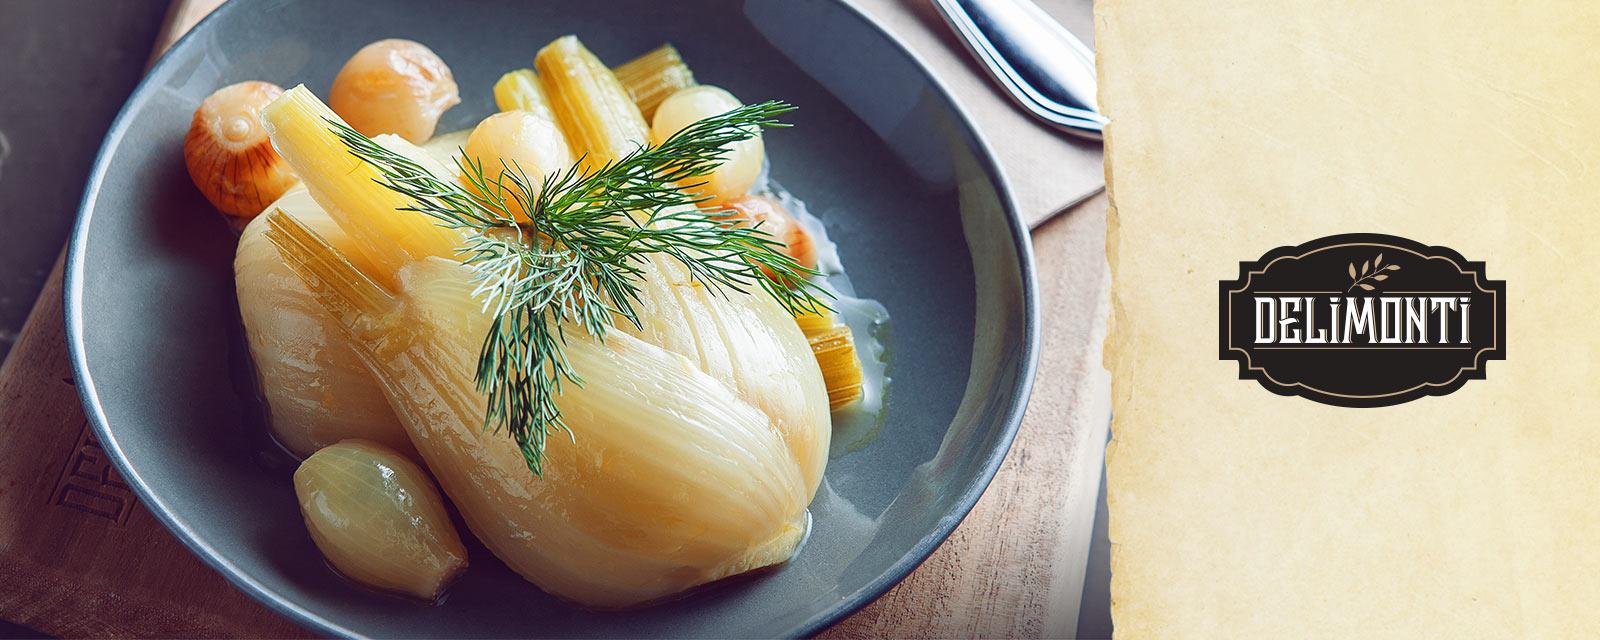 delimonti kış menüsü